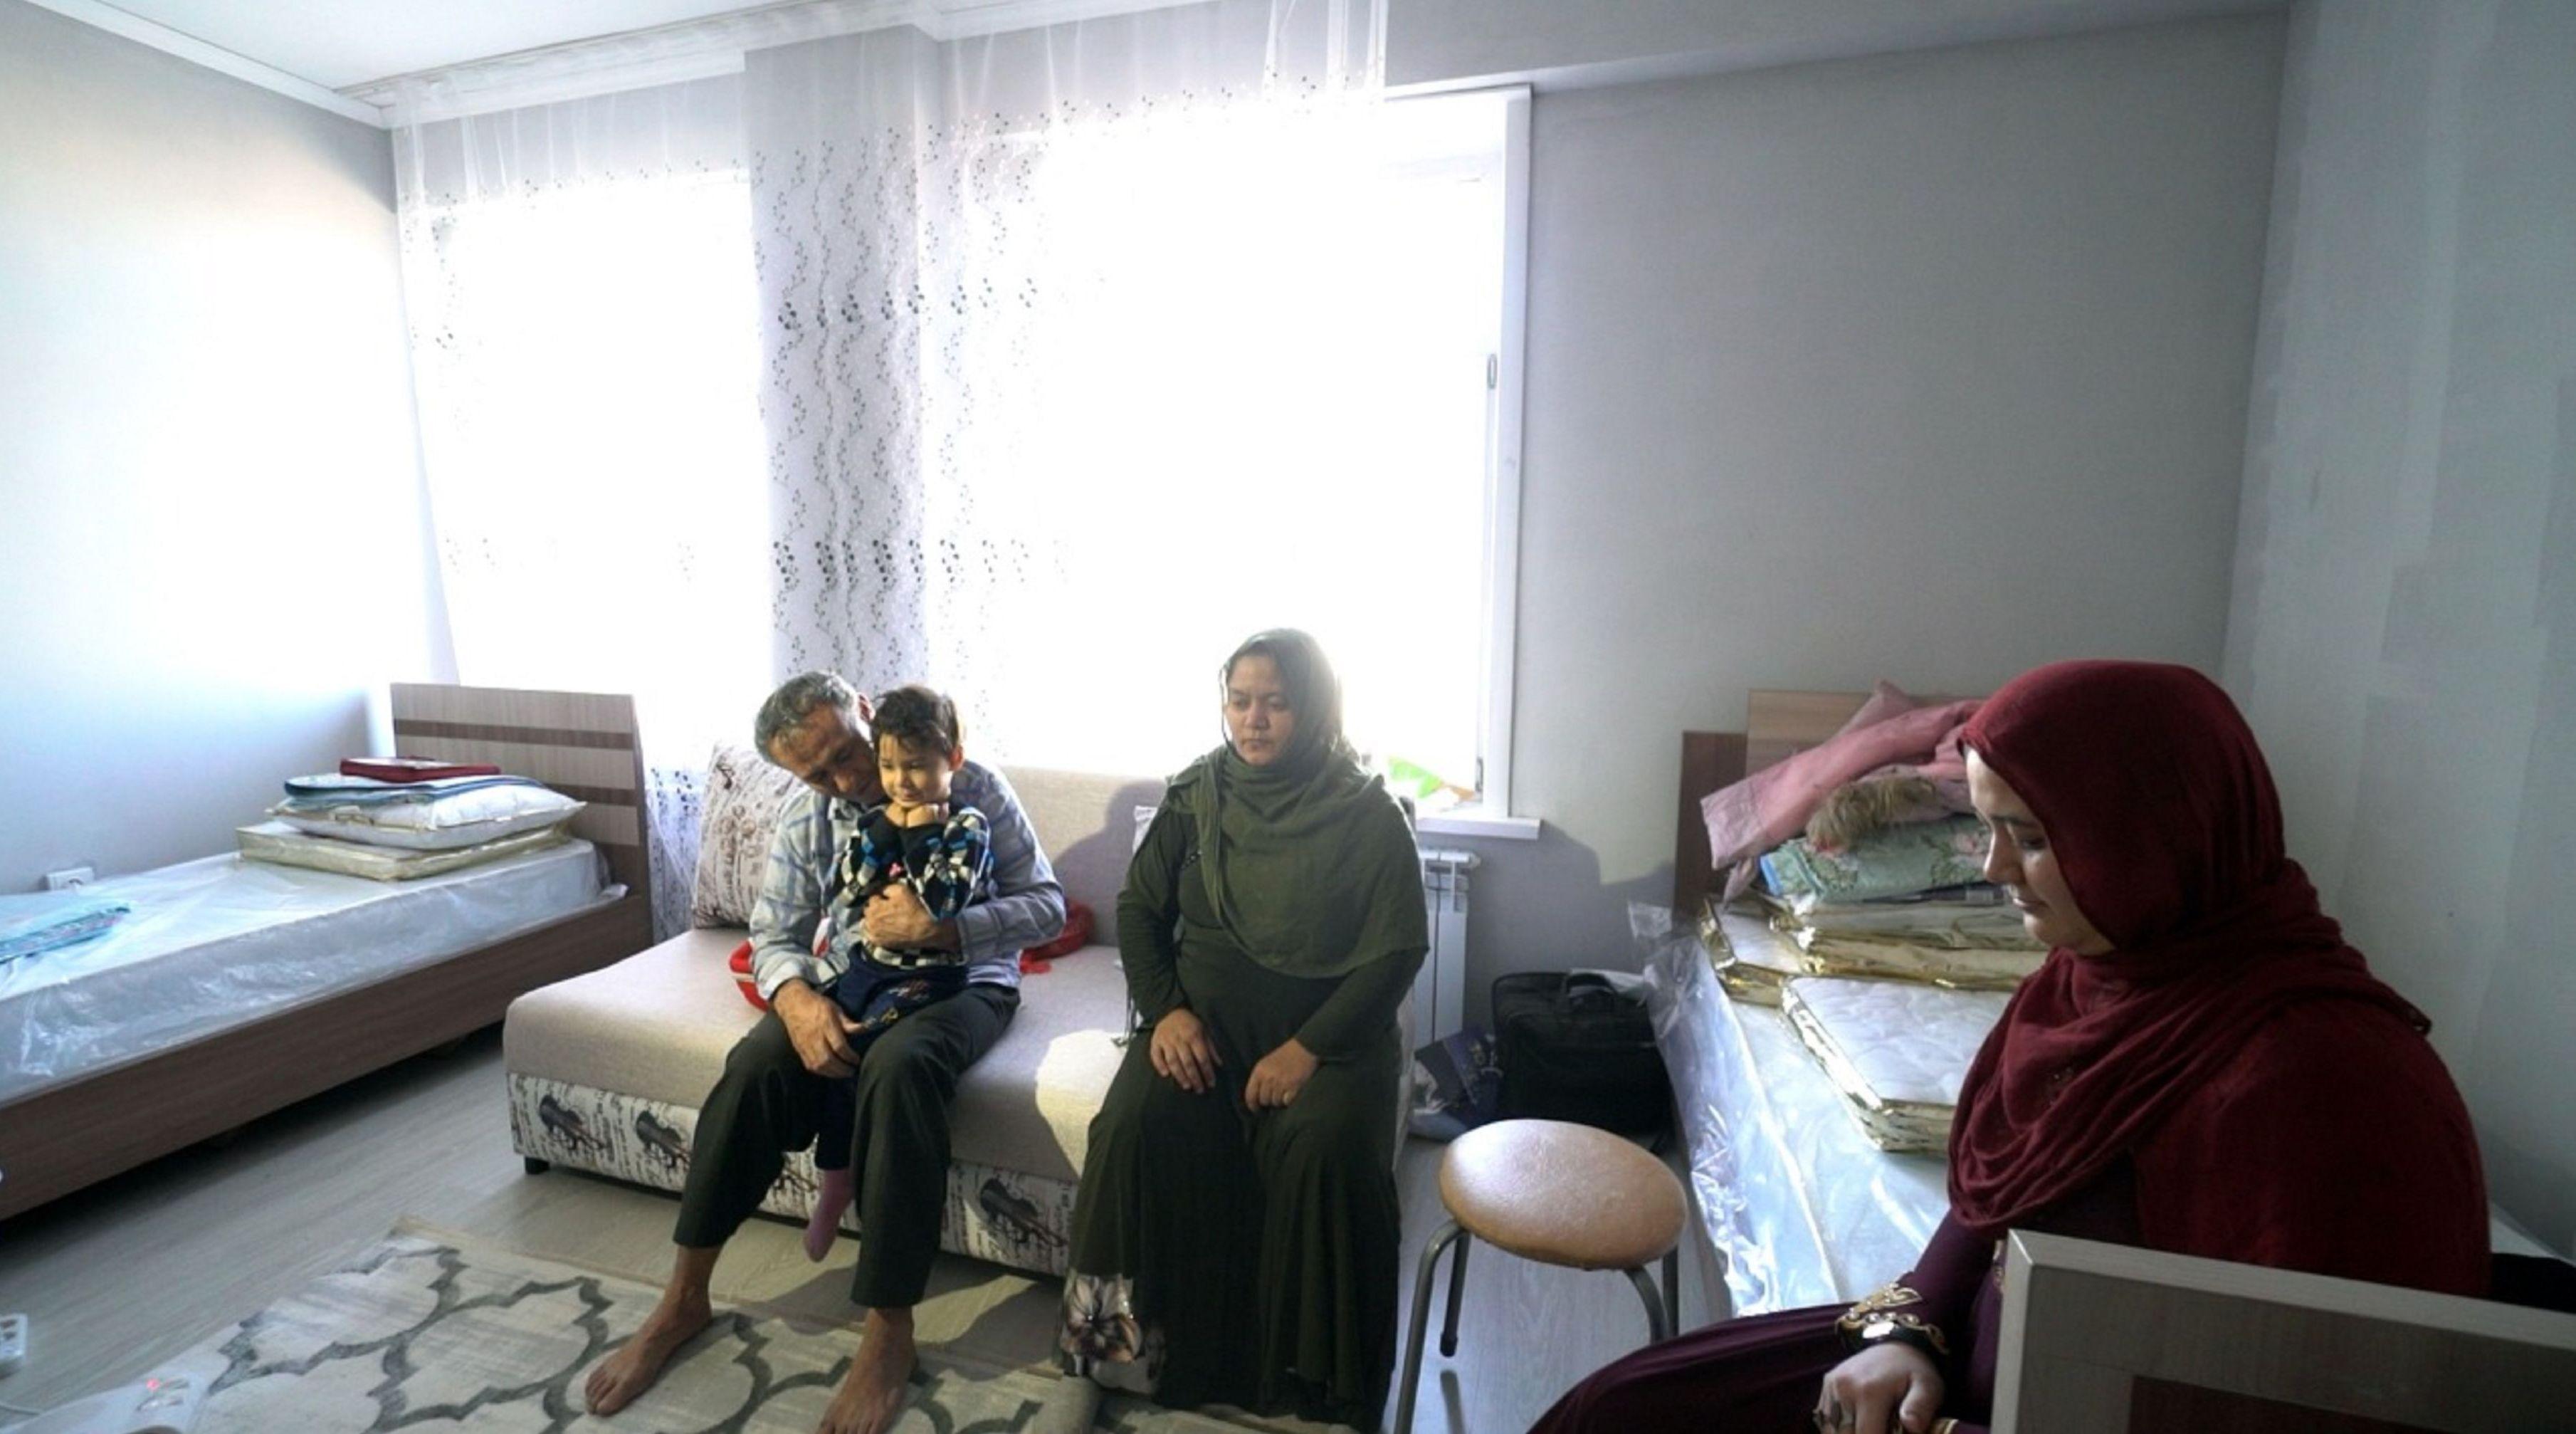 Семье Шир Али Озбаки в Кокшетау выделили комнаты и обещают трудоустроить взрослых, а детей отправить в школу и садик